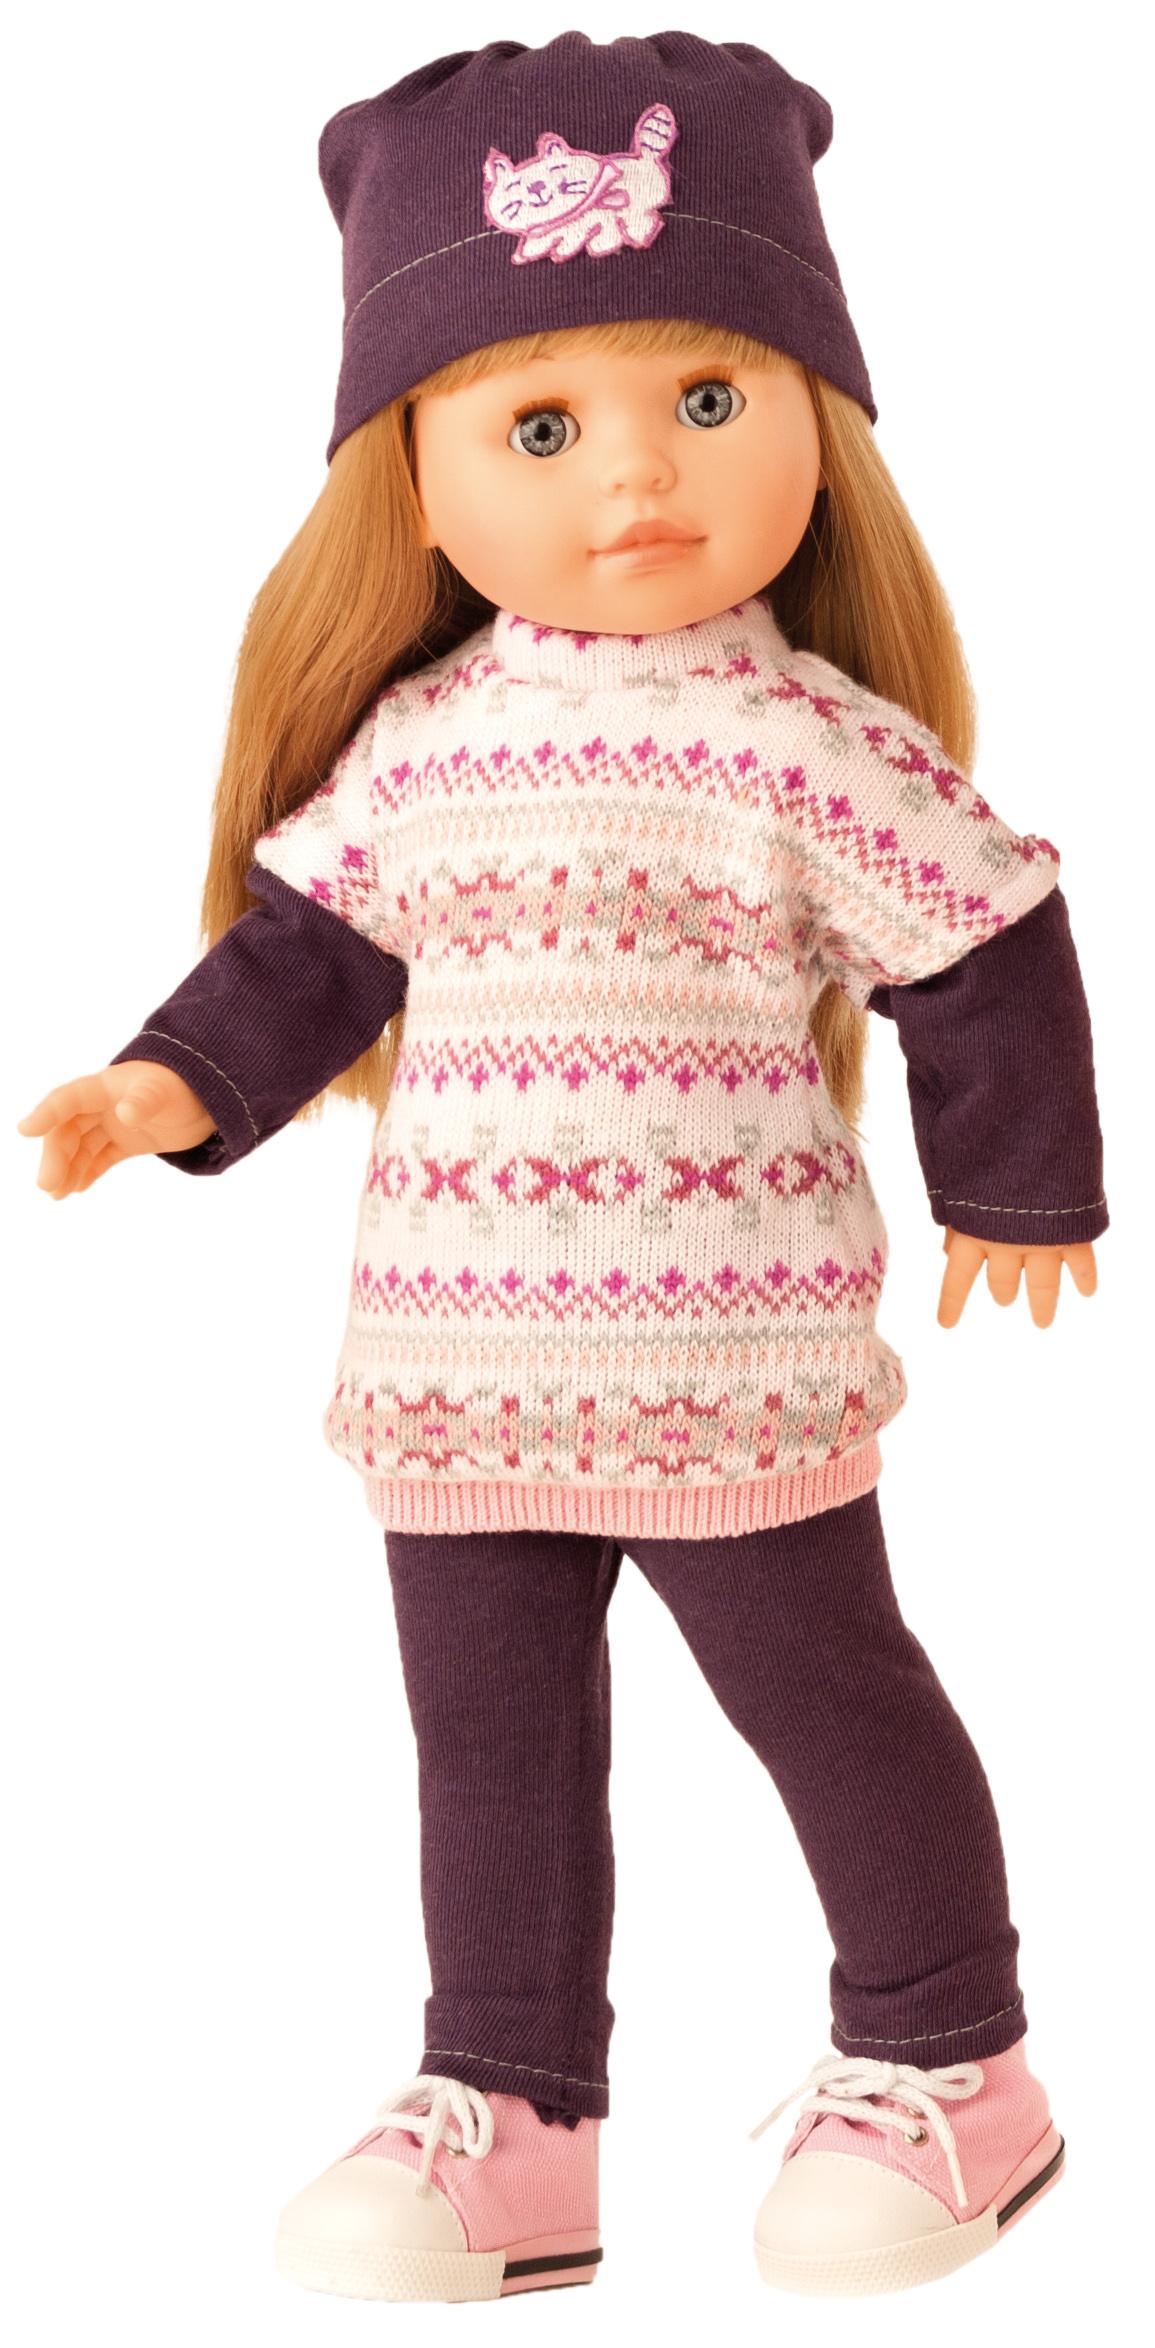 Realistická panenka Emma v zimním oblečení (Doprava zdarma)